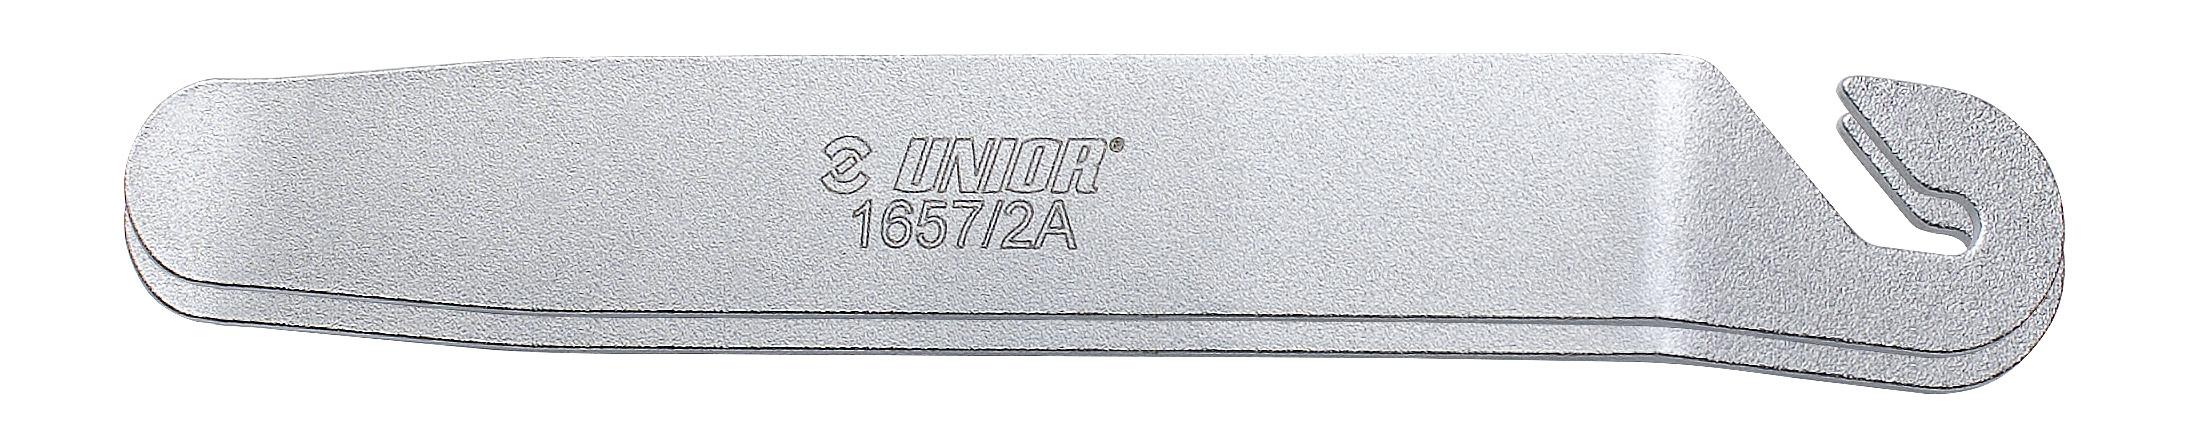 montážní páčky UNIOR kovové sada 2ks